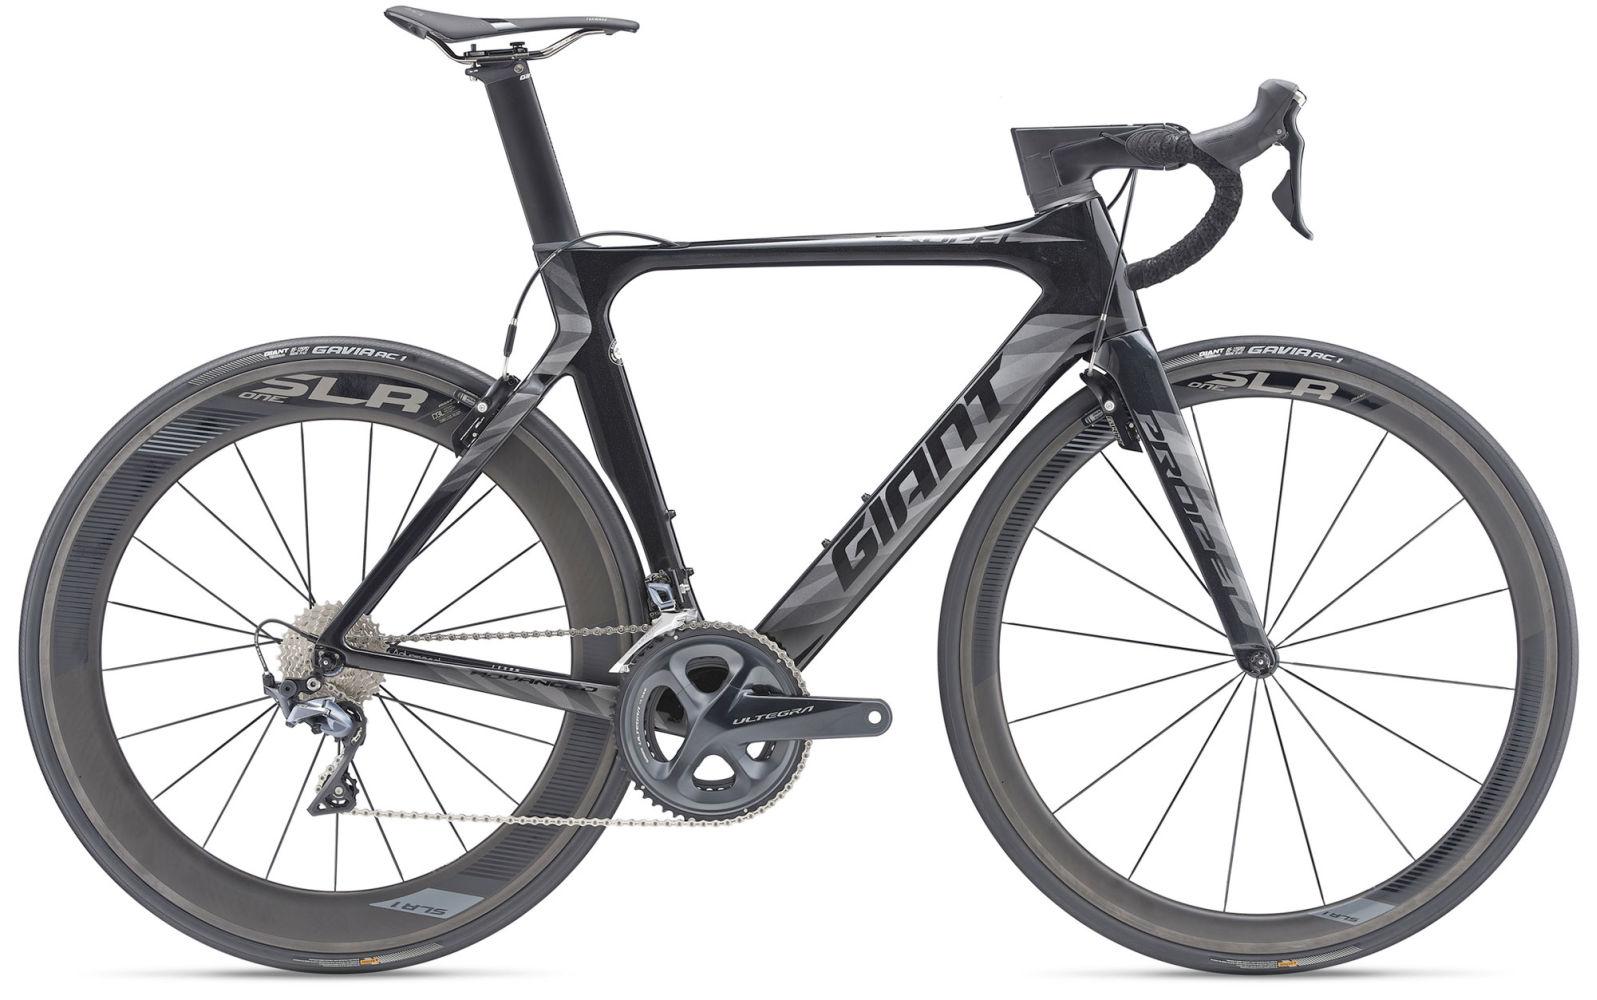 2019 Giant Propel Advanced Pro 1 Road Bike in Black